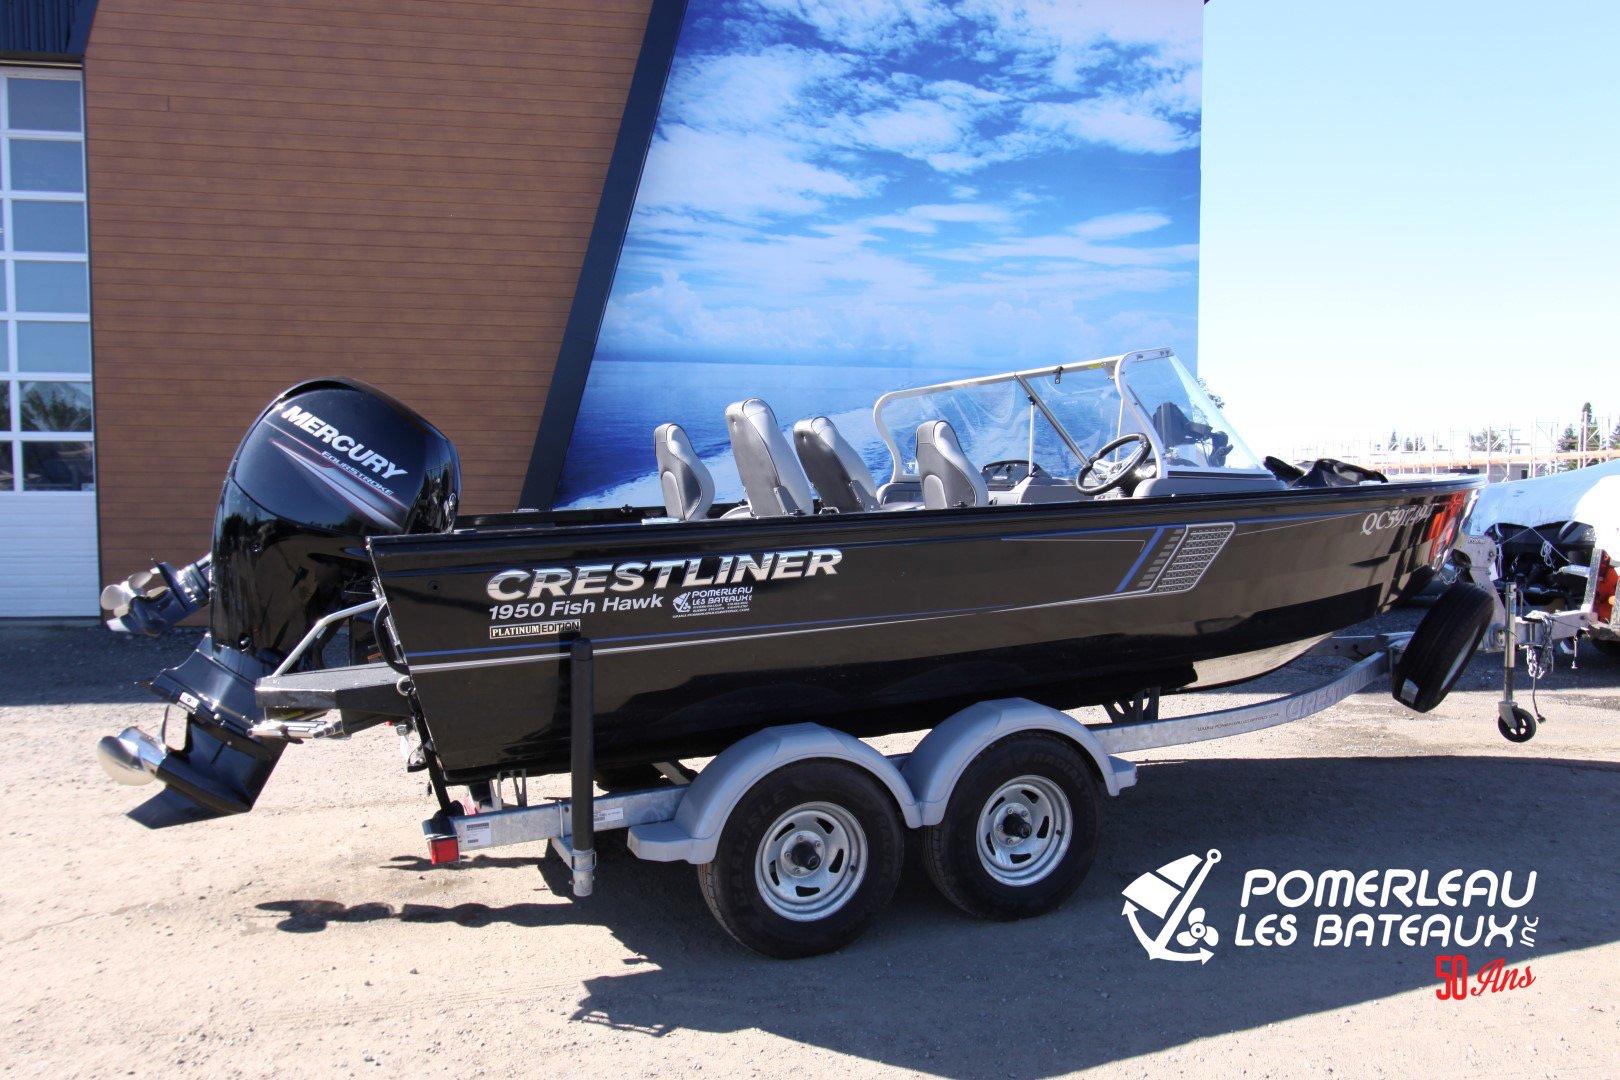 Crestliner Fish hawk 1950 Platinum WT - IMG_5702